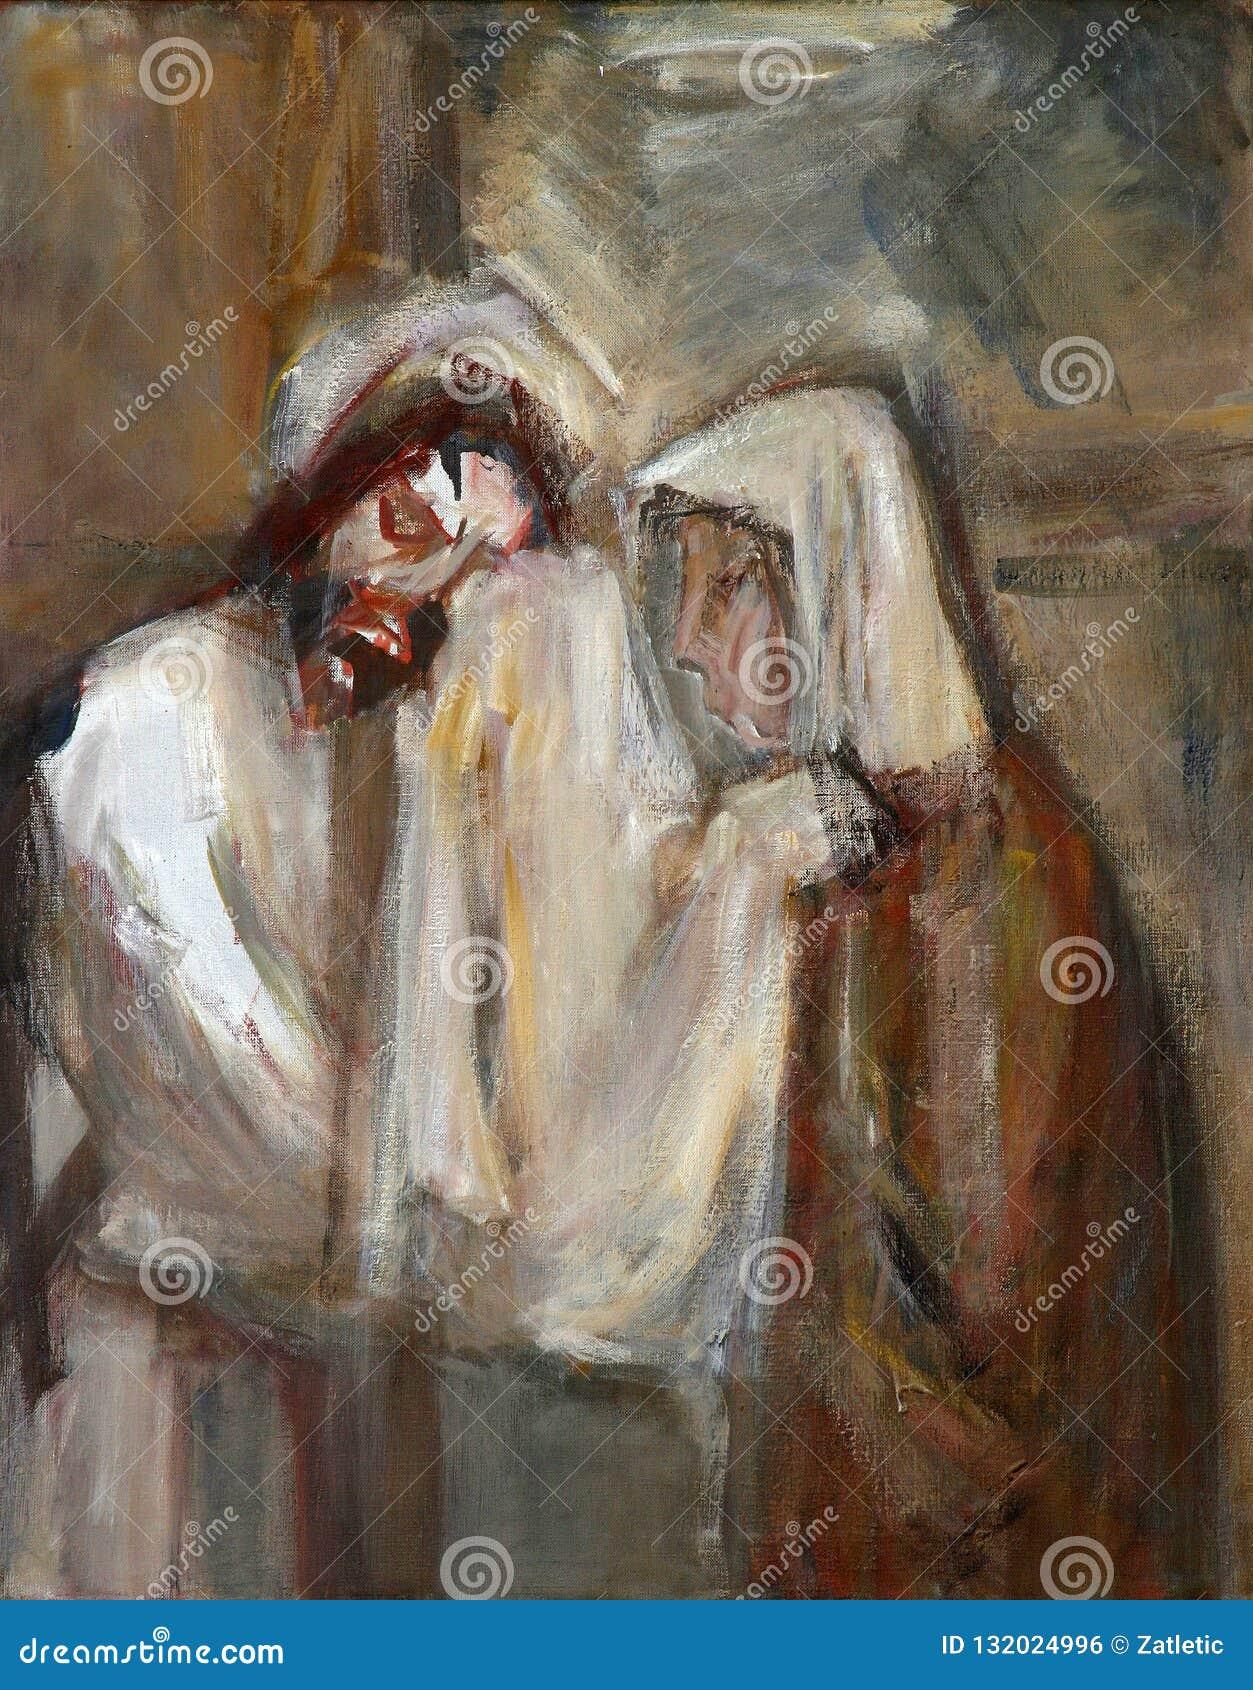 6-ой крестный путь, Вероника обтирает сторону Иисуса